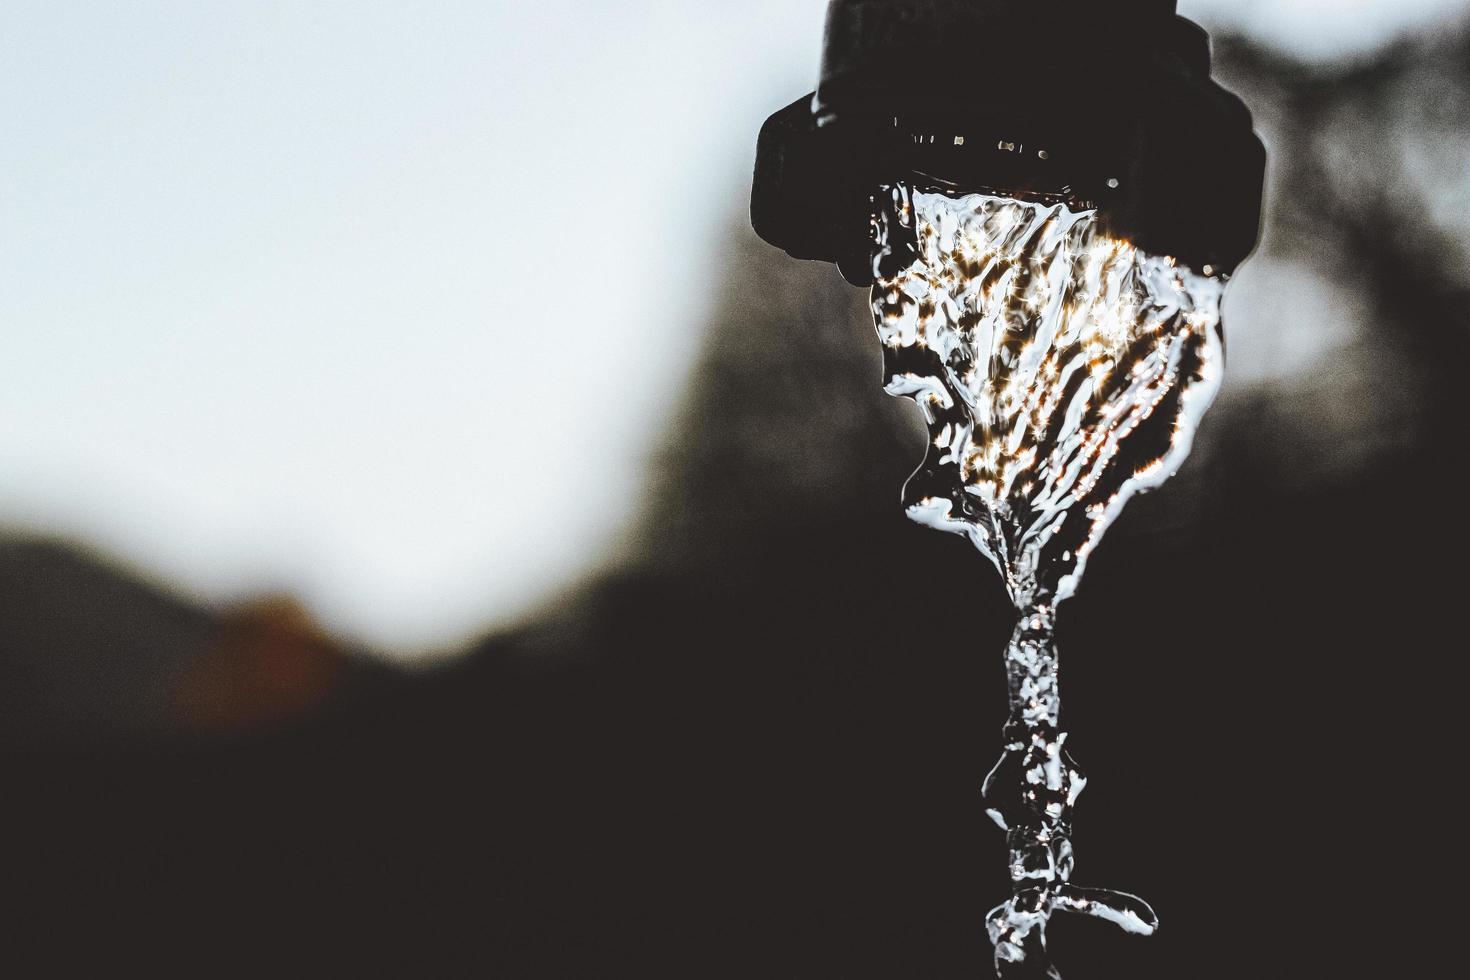 l'acqua scende contro la luce foto